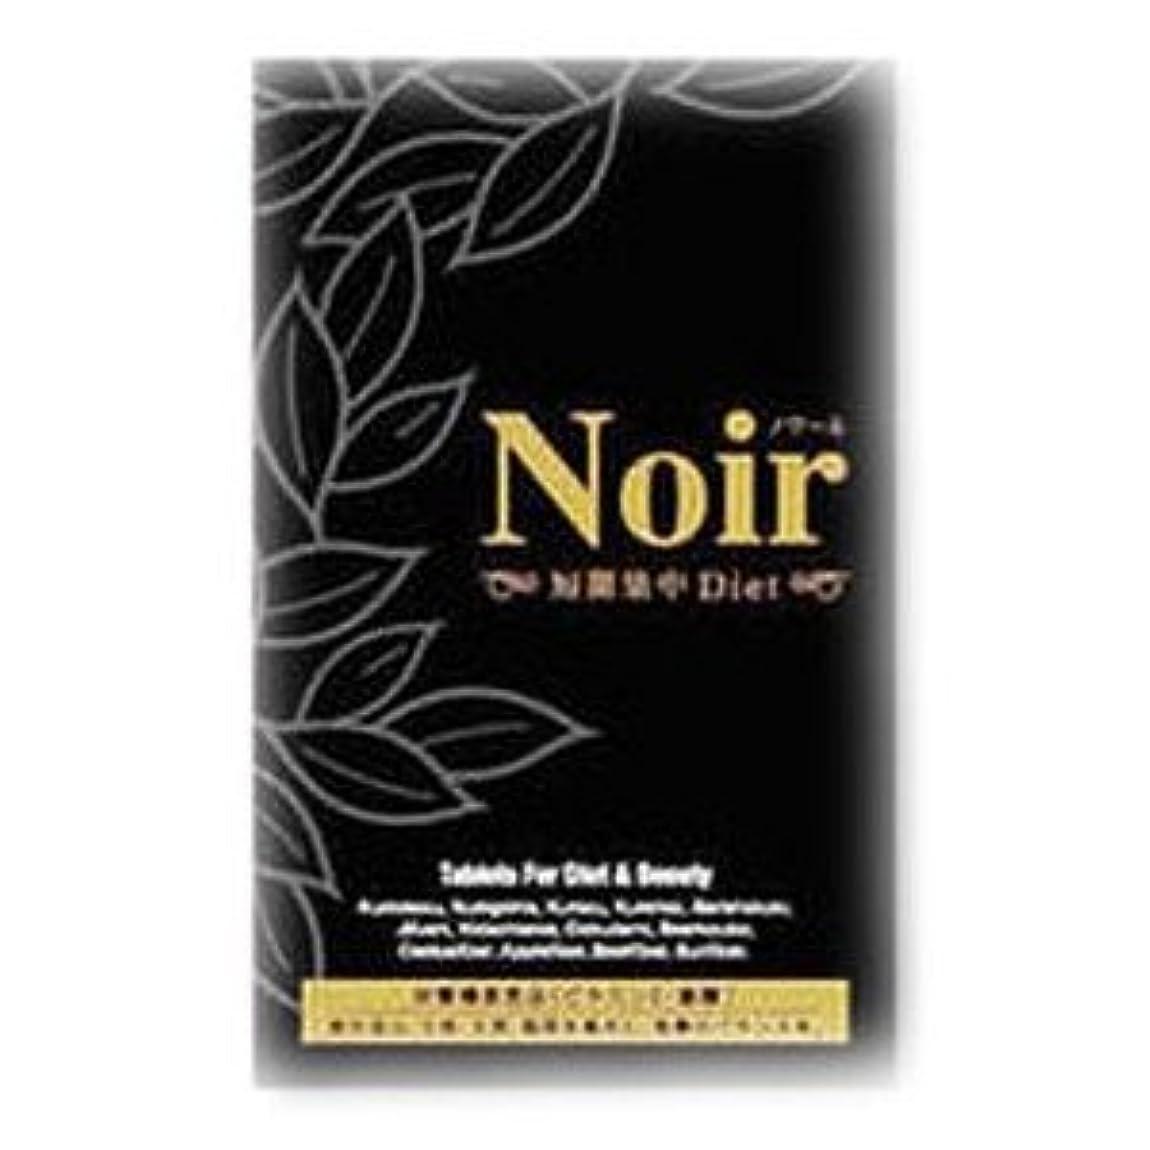 衰えるルアー振幅ノワール (Noir)×2箱セット  短期集中 Diet 粒タイプ